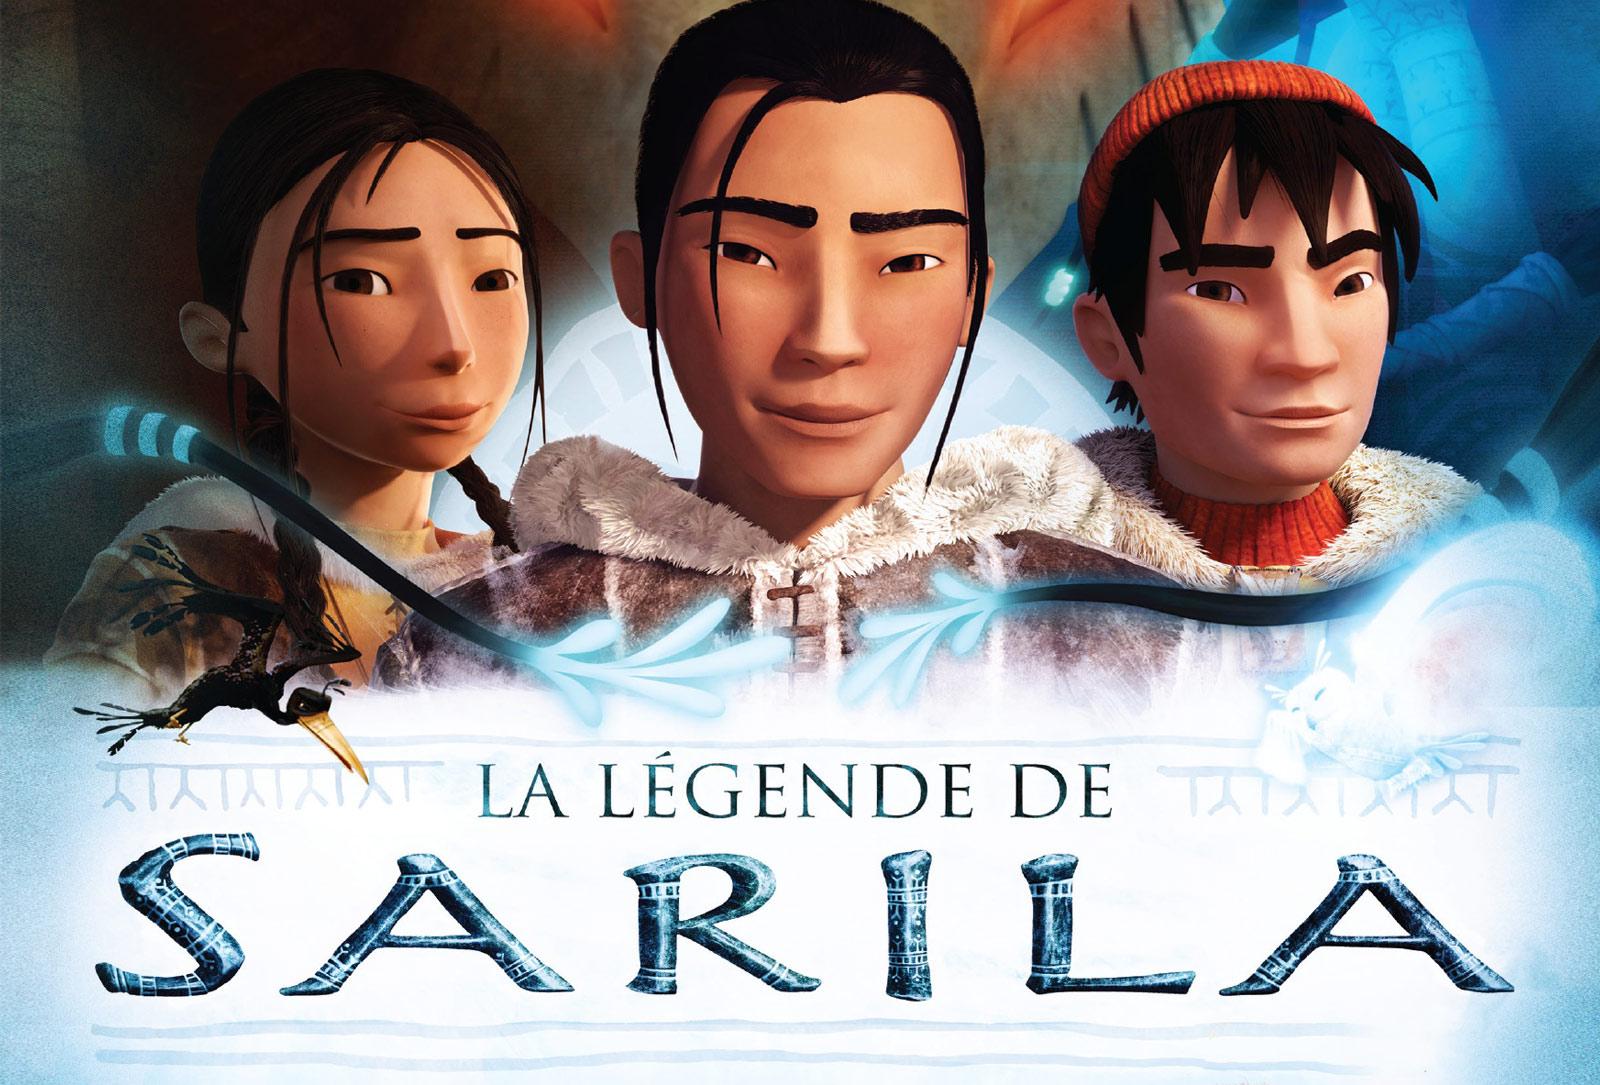 Legende Sarila header 10Ave @2012 fr